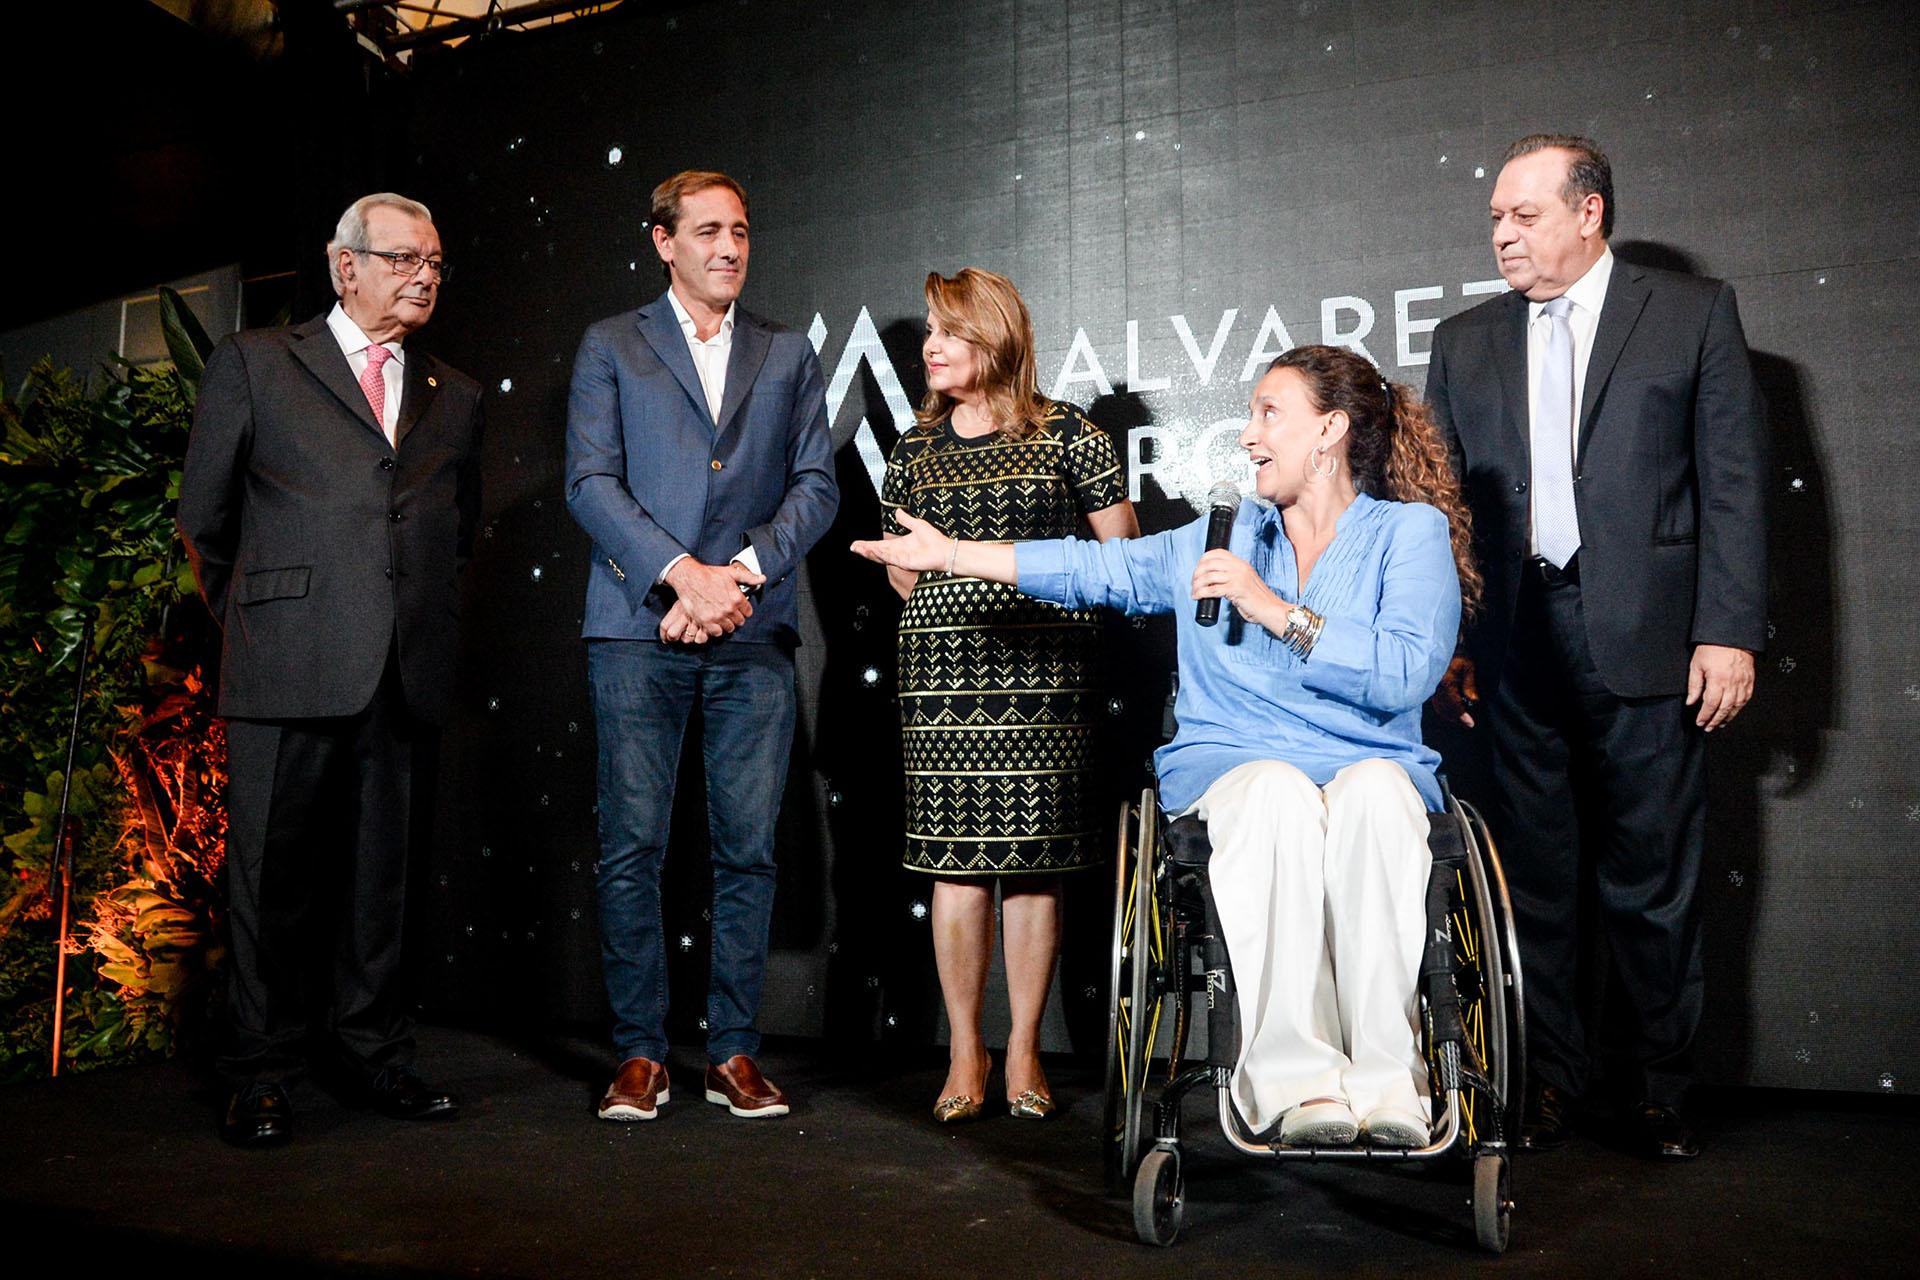 La Vicepresidenta y la diva brindaron un breve discurso durante el evento